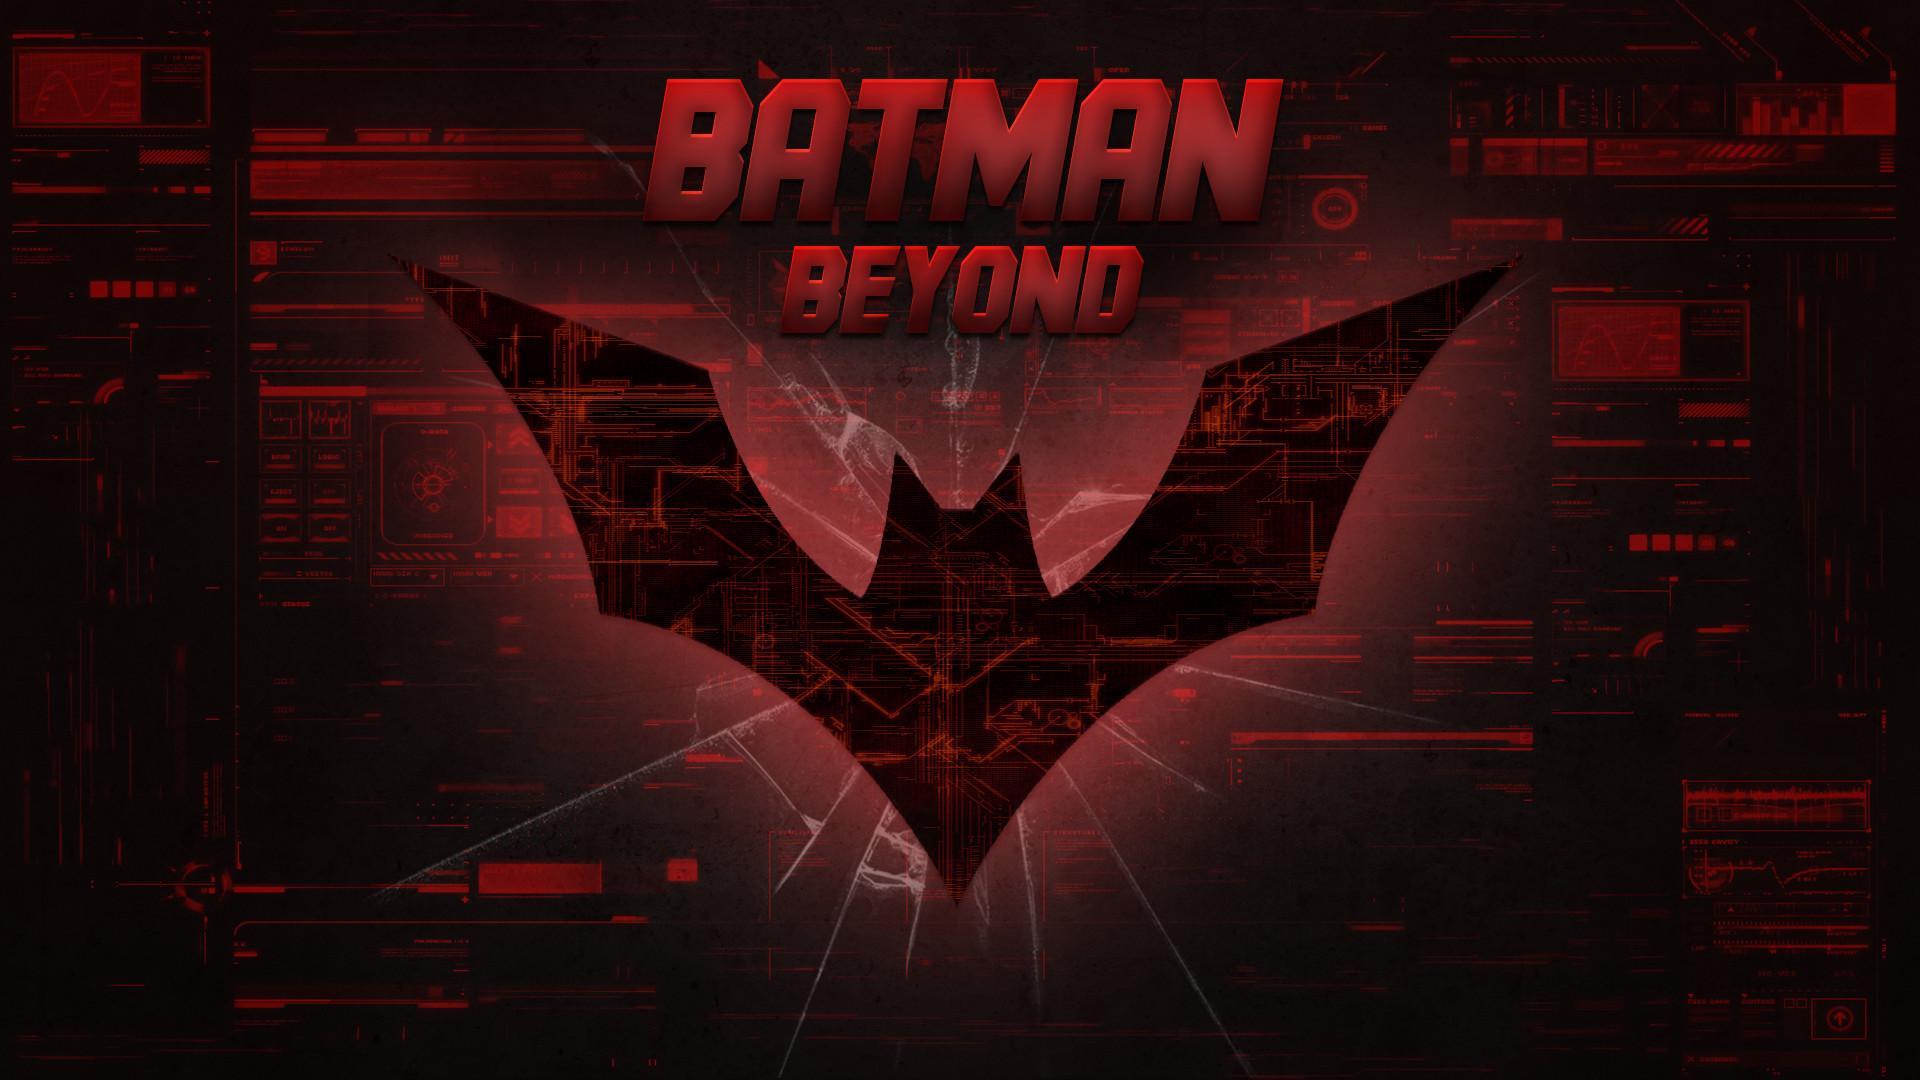 … Batman Beyond Logo Wallpaper HD by RevafallArts